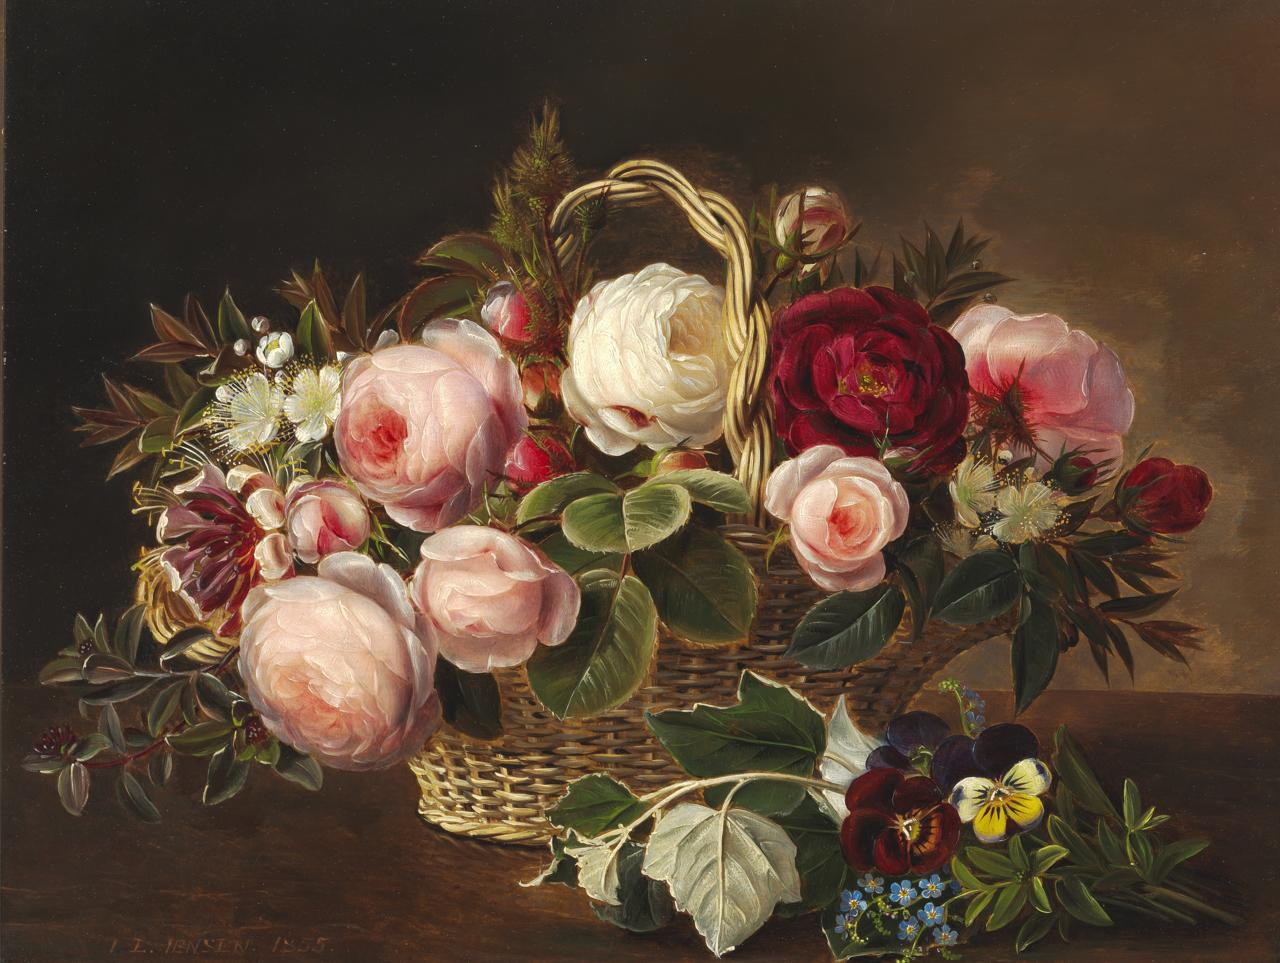 Johan Laurentz Jensen - Roser og sommerblomster i kurv på en karm - 1855.png